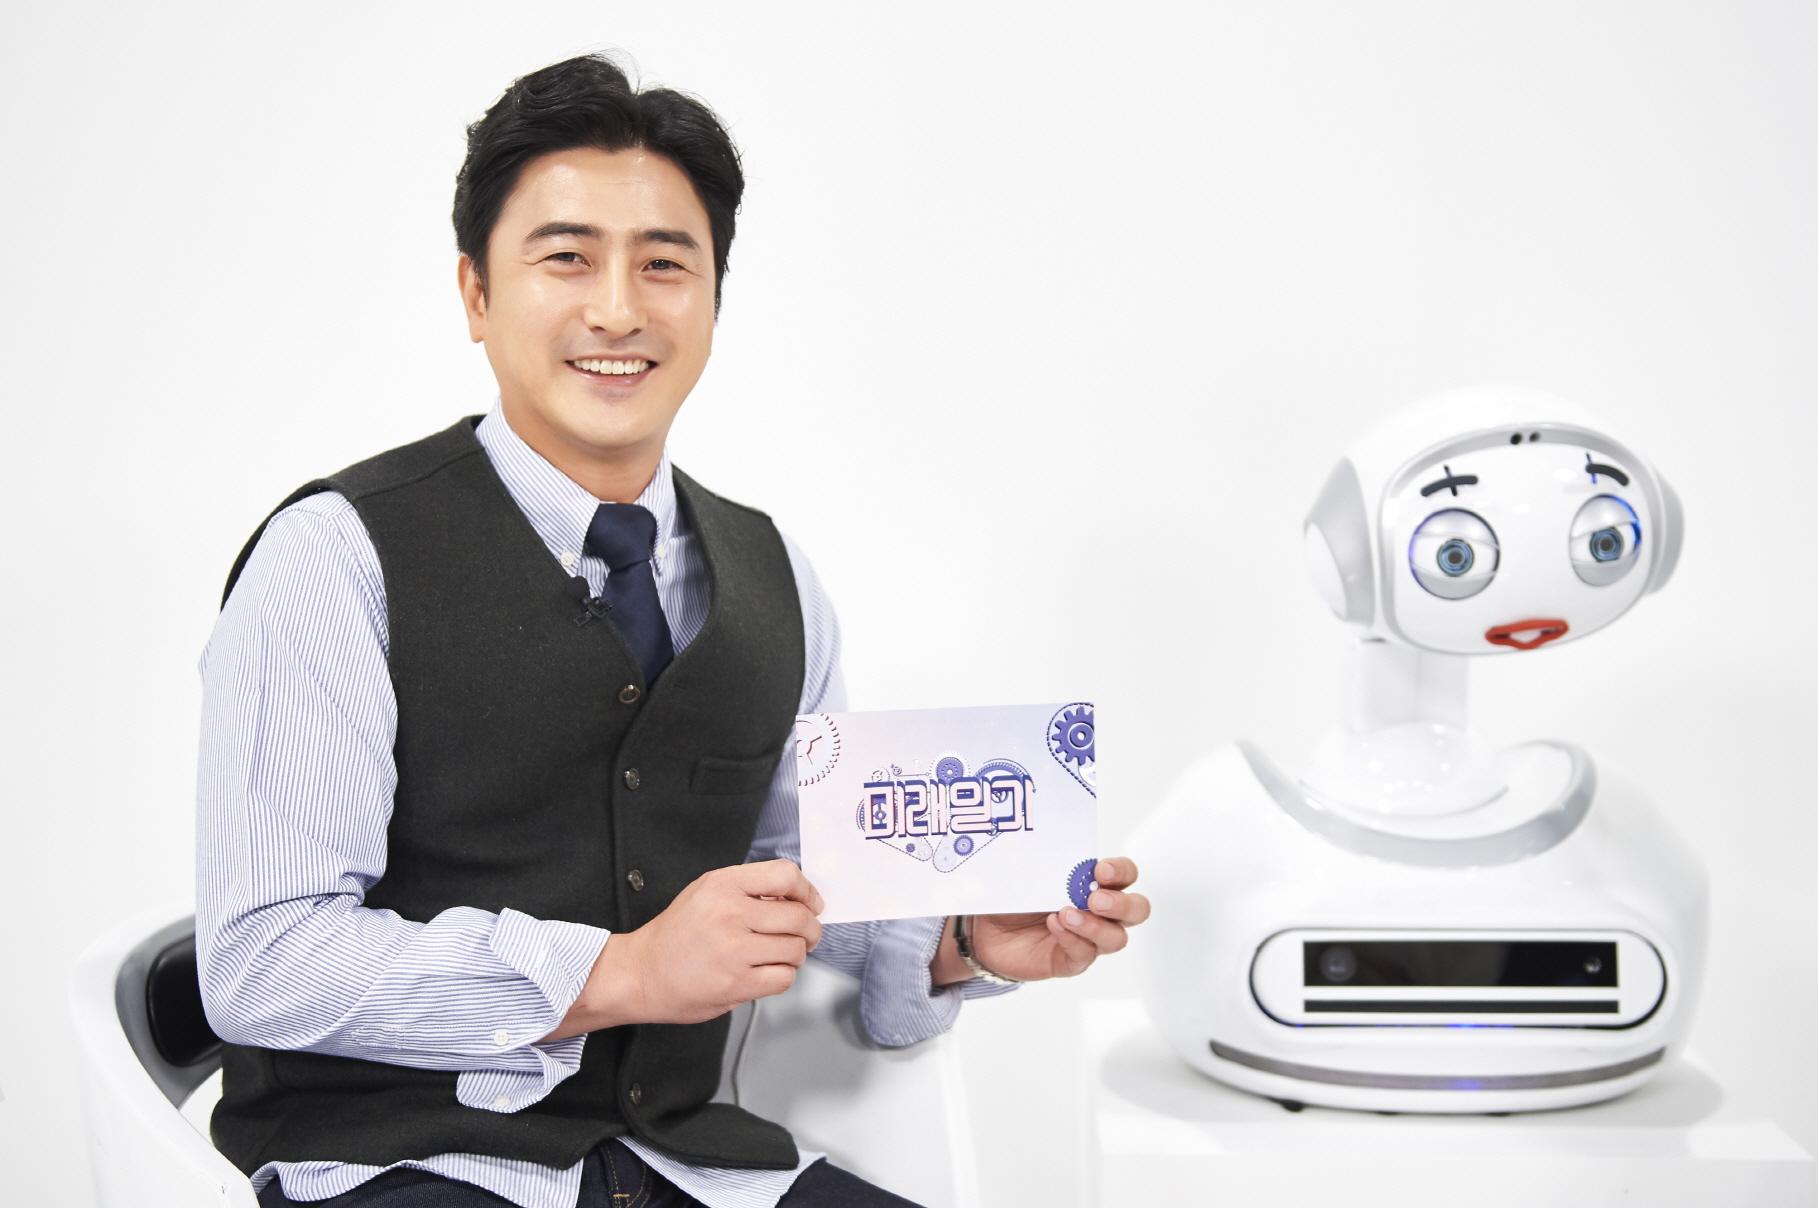 '웃픈 예능'<미래일기> 시즌제로 시청자에게 첫 인사! 이미지-2